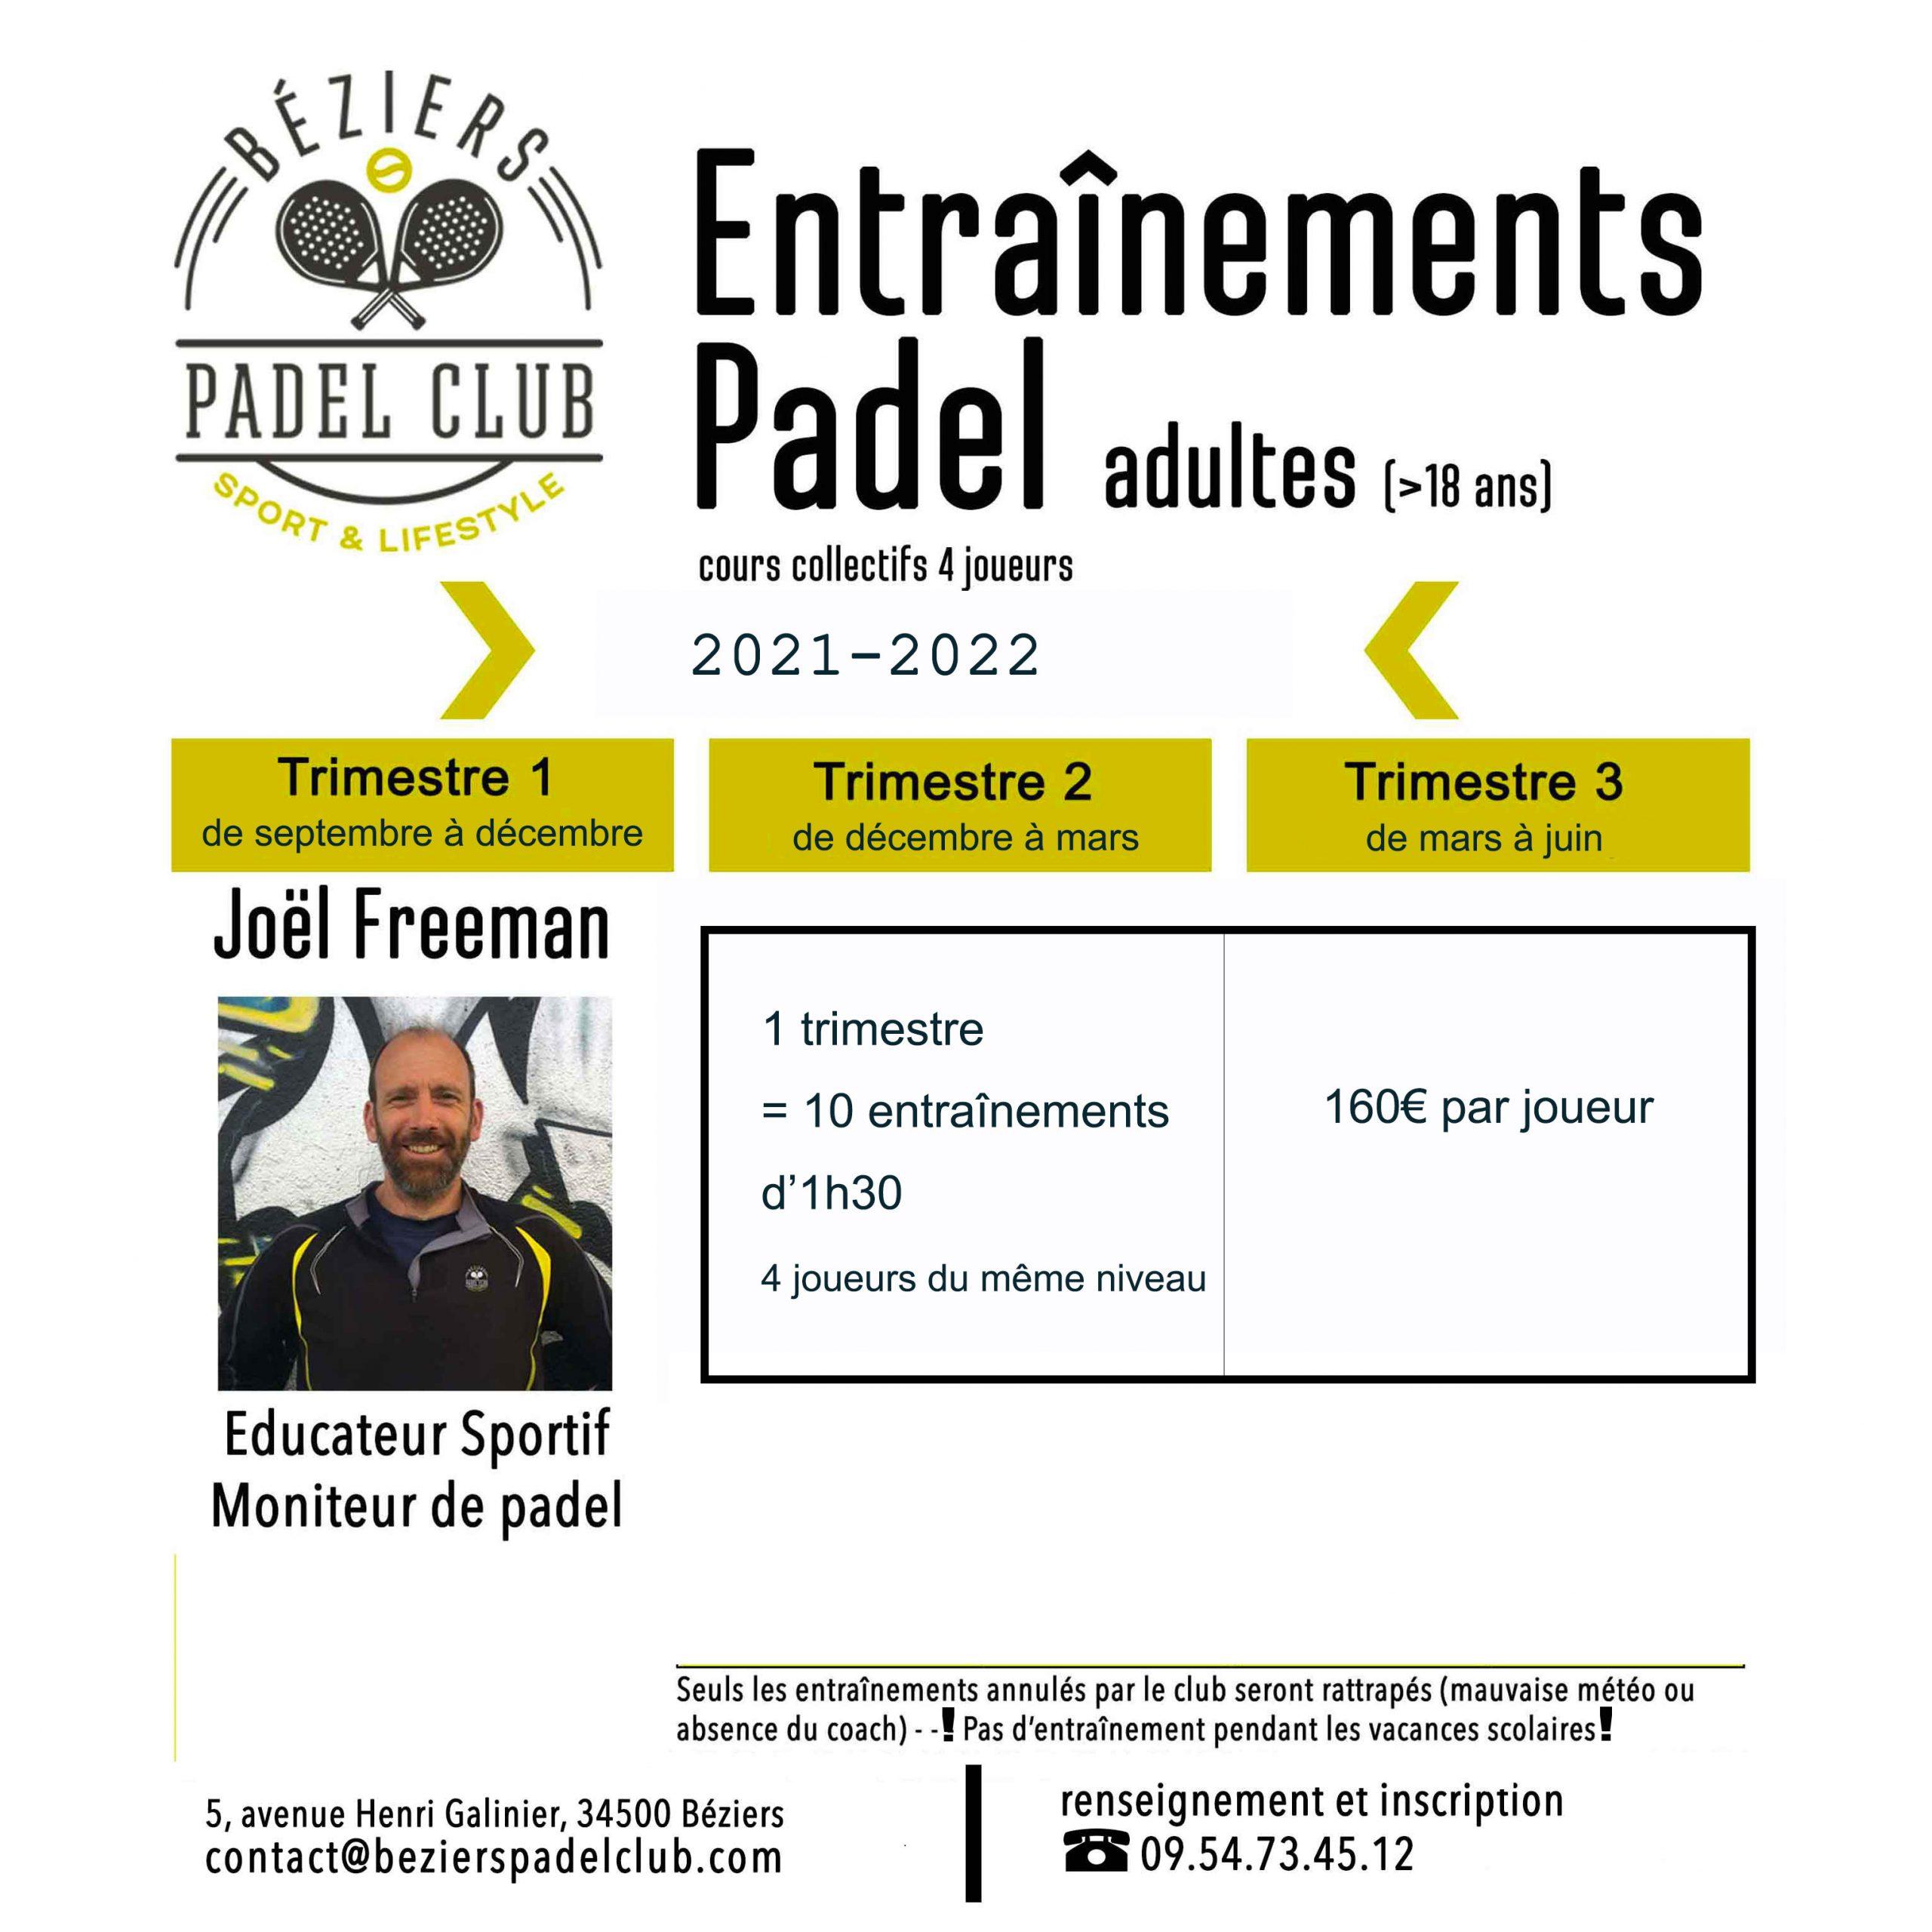 Béziers padel club tarifs coaching 2021-2022